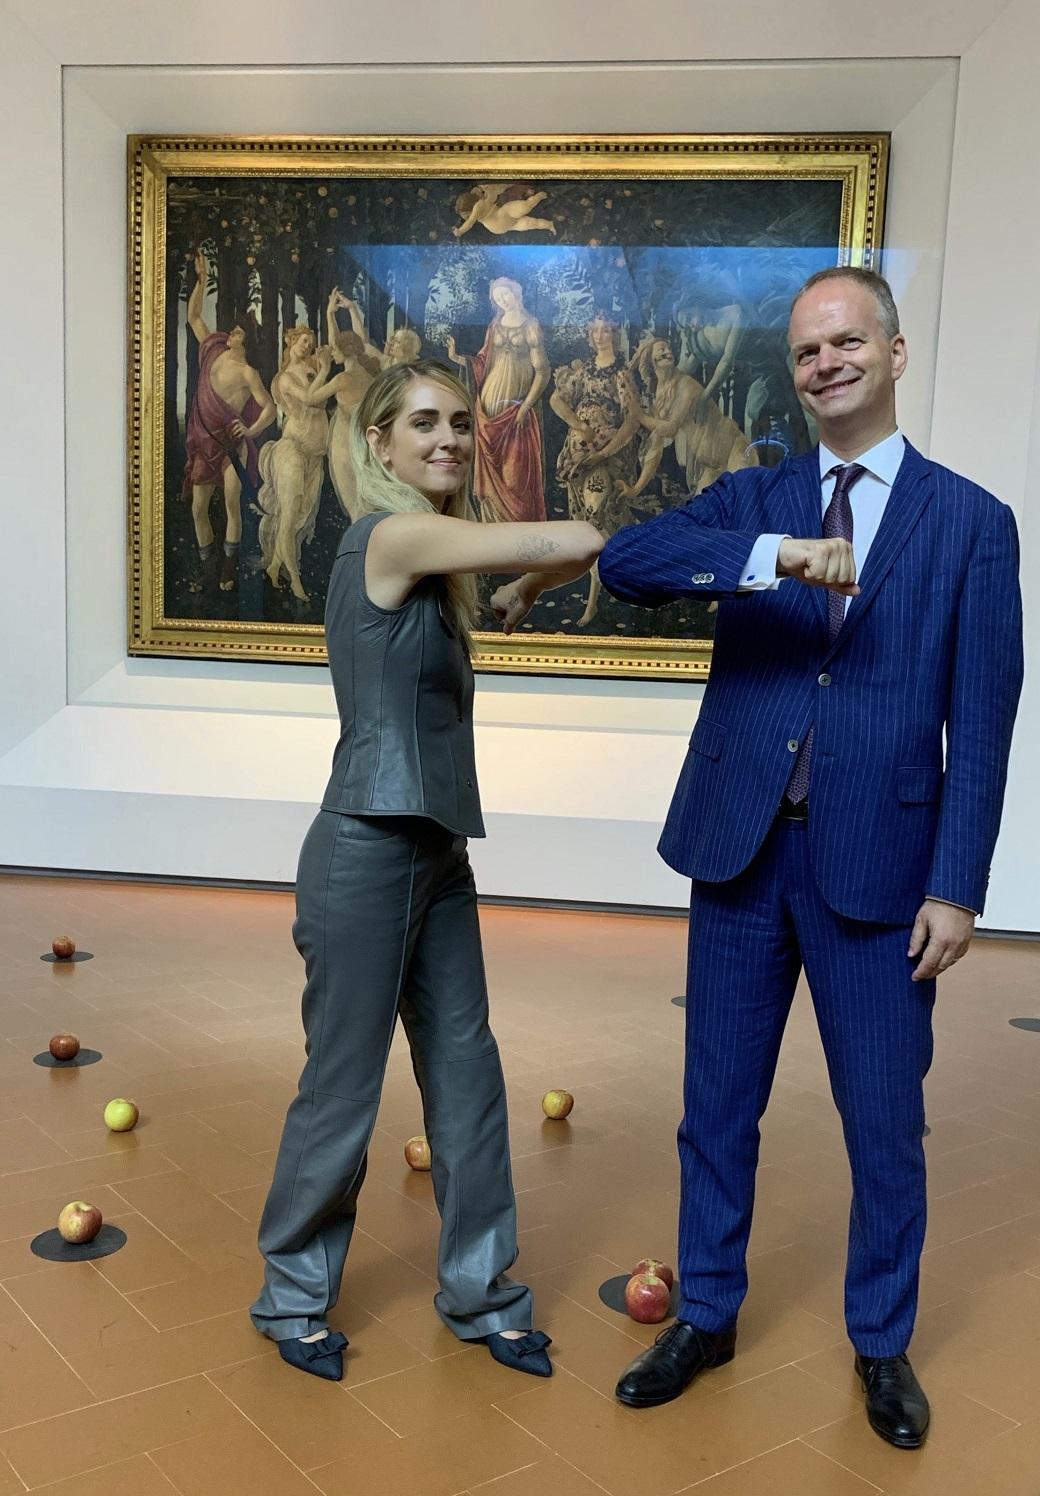 Eike Schmidt e Chiara Ferragni davanti alla Primavera di Botticelli